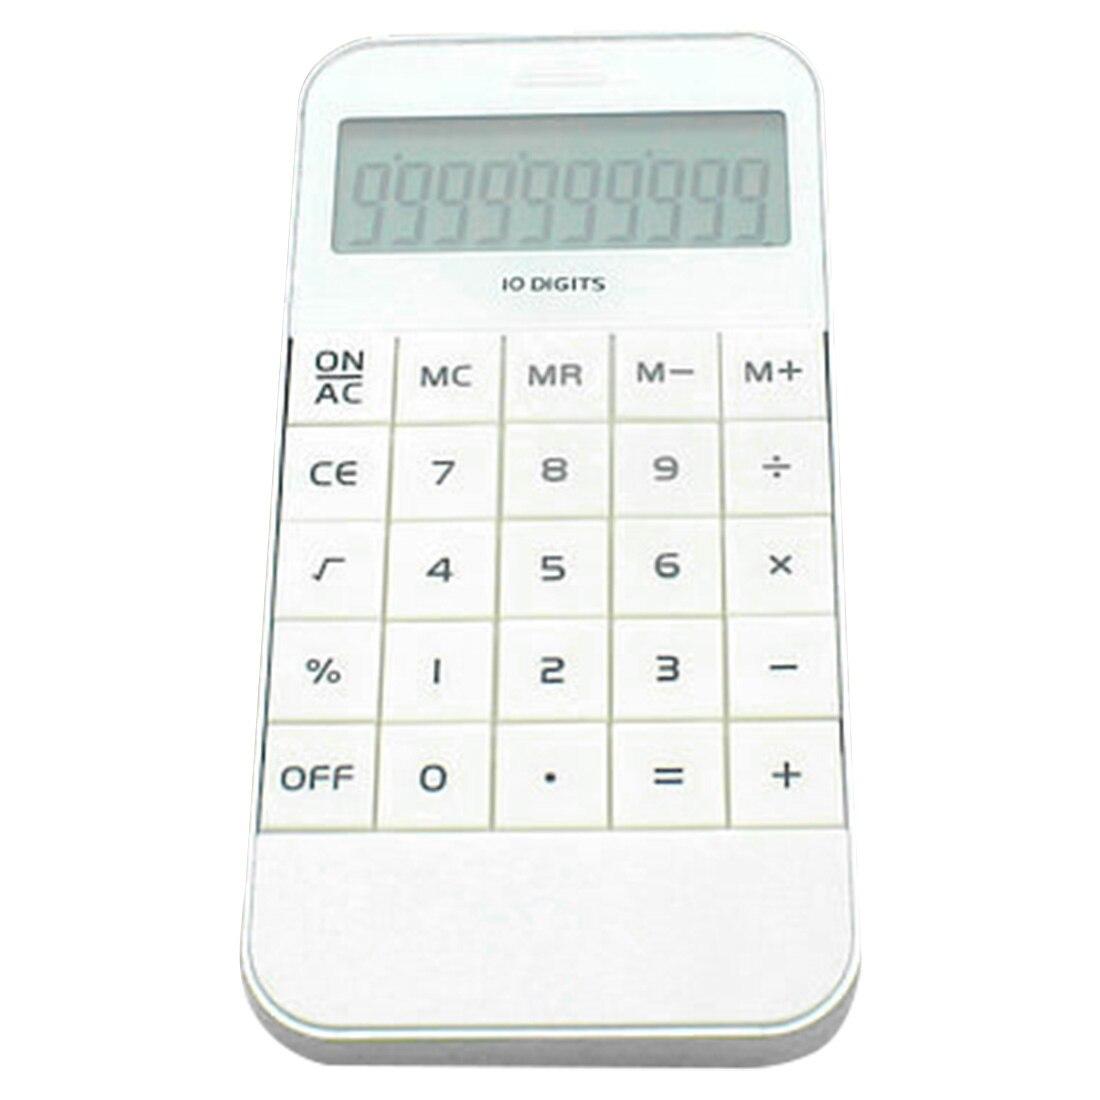 Etmakit Home Office Calcolatrice Ufficio Lavoratore Scuola Calcolatrice Tascabile Portatile Elettronico di Calcolo Calcolatrice